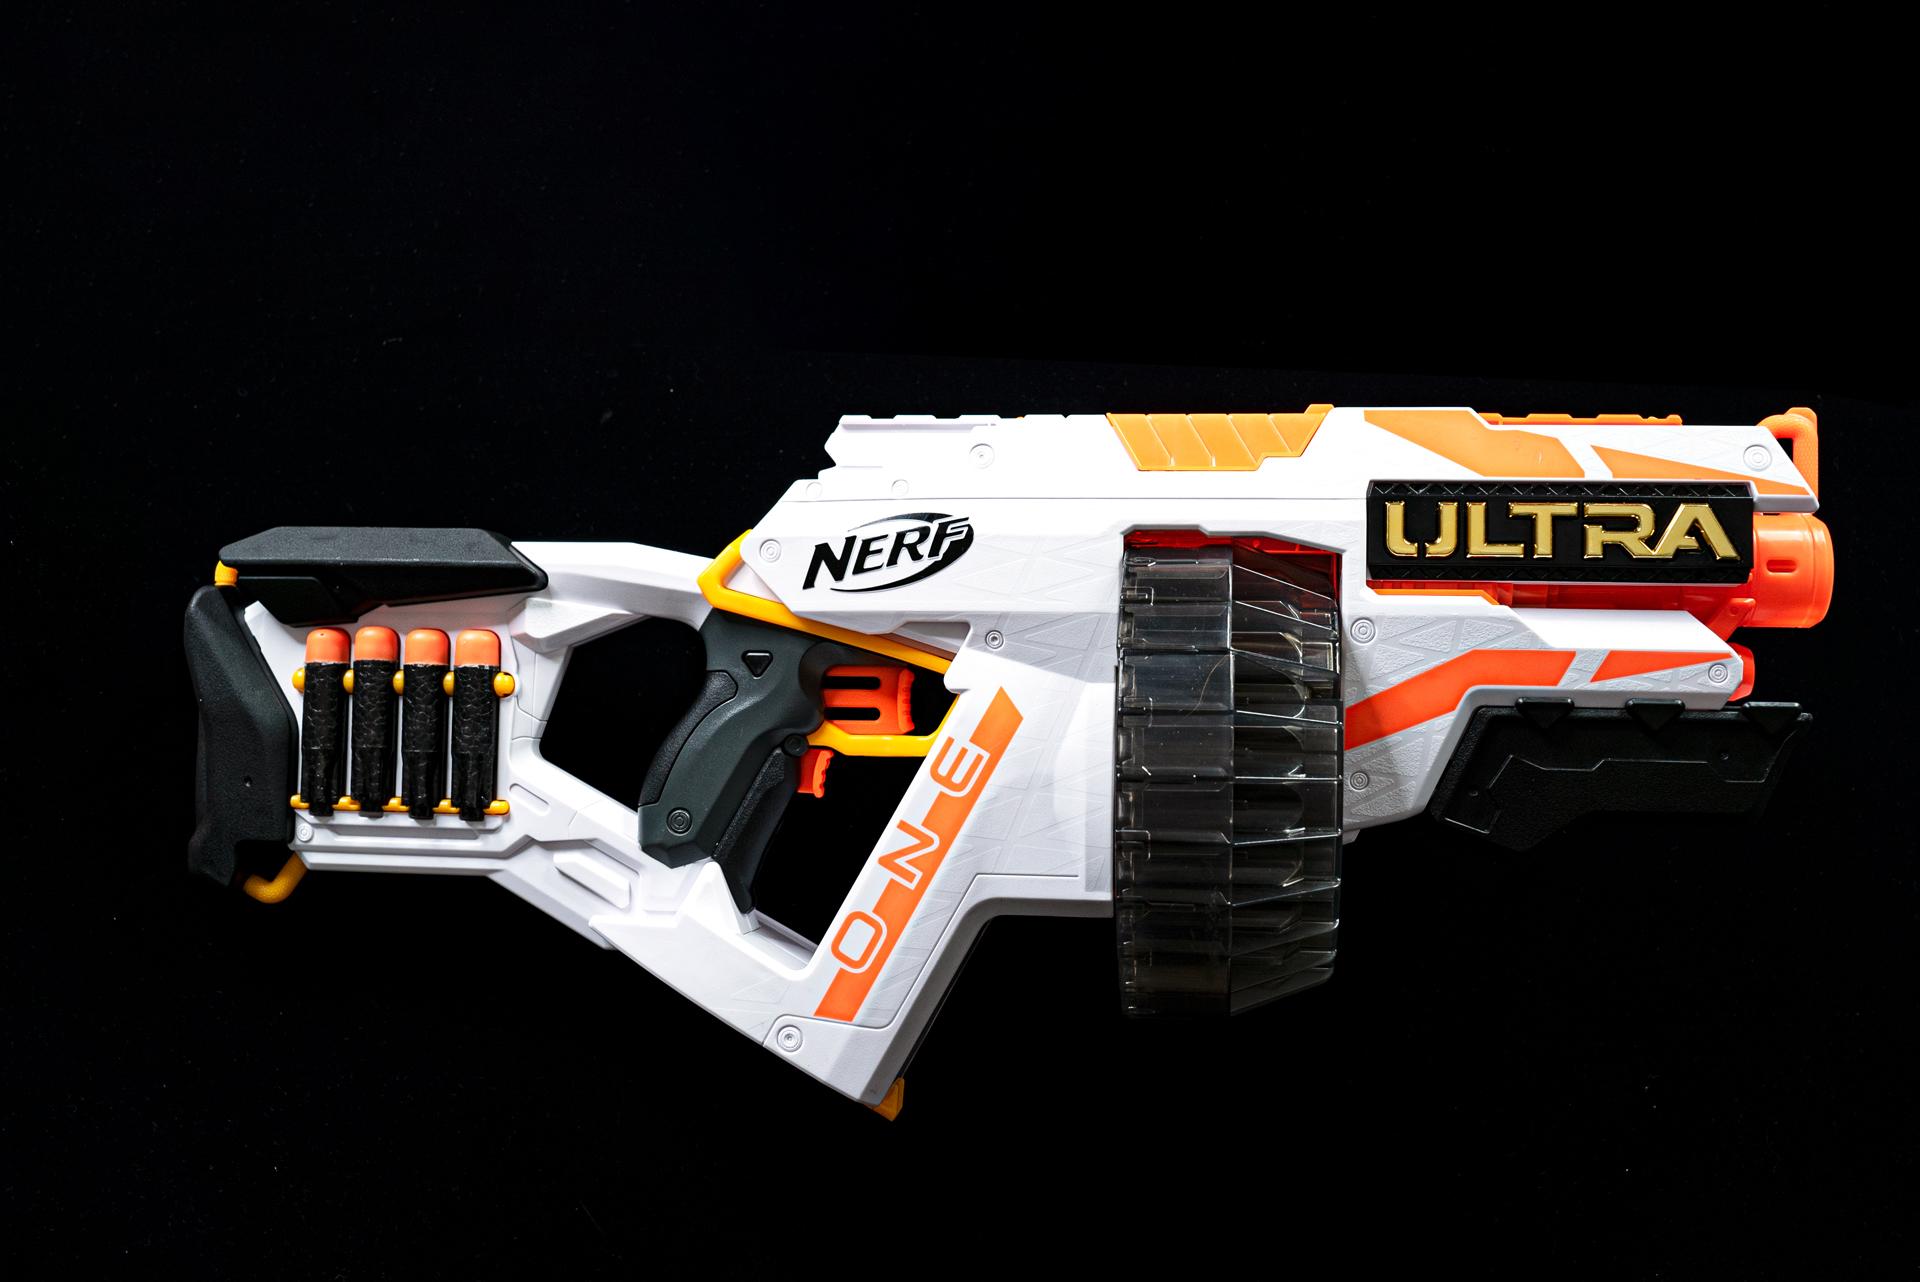 ボリューム感のある筐体で撃ちごたえ満点の「ナーフ ウルトラ ワン」、実売価格6,055円(税込)(税込)